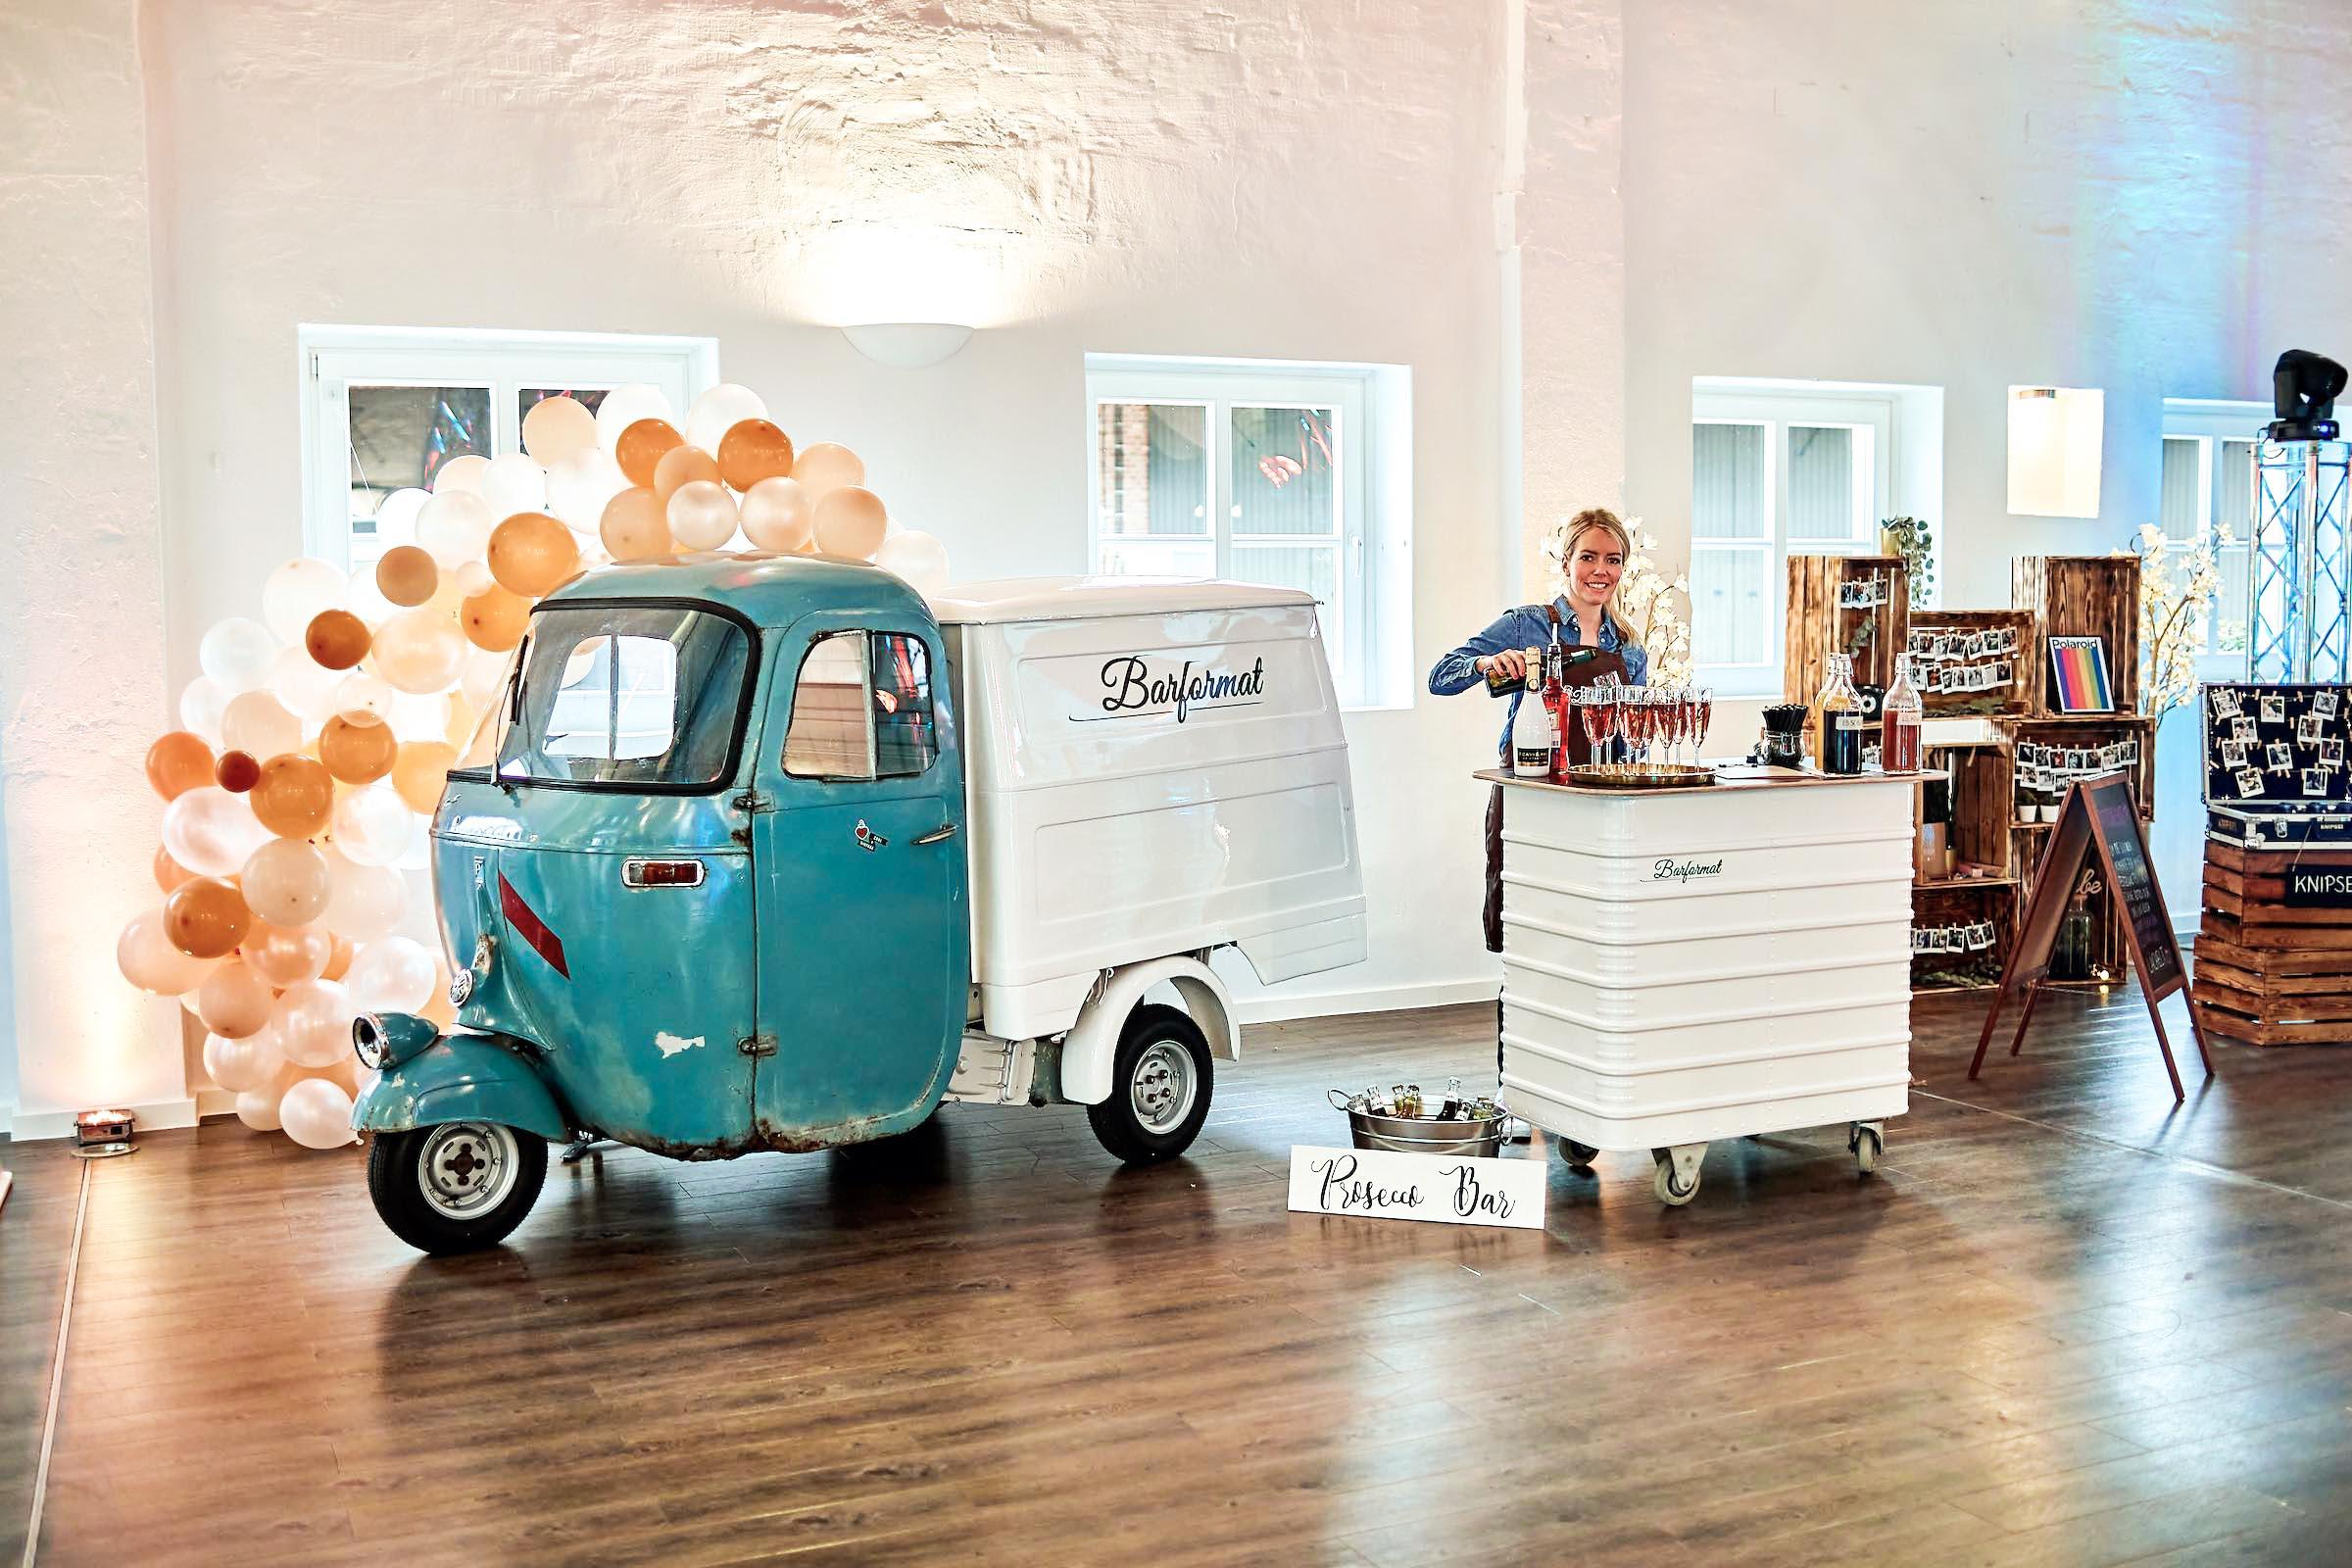 Mobile | Bar | Ape | Bulli | Cocktailservice | Getränke | Catering | Foodtruck | Sektbar | Weinbar | Sektempfang | Standesamt | Hochzeit | Barkeeper | Kellner | Hochzeit | Event | Mieten | Buchen | Barformat